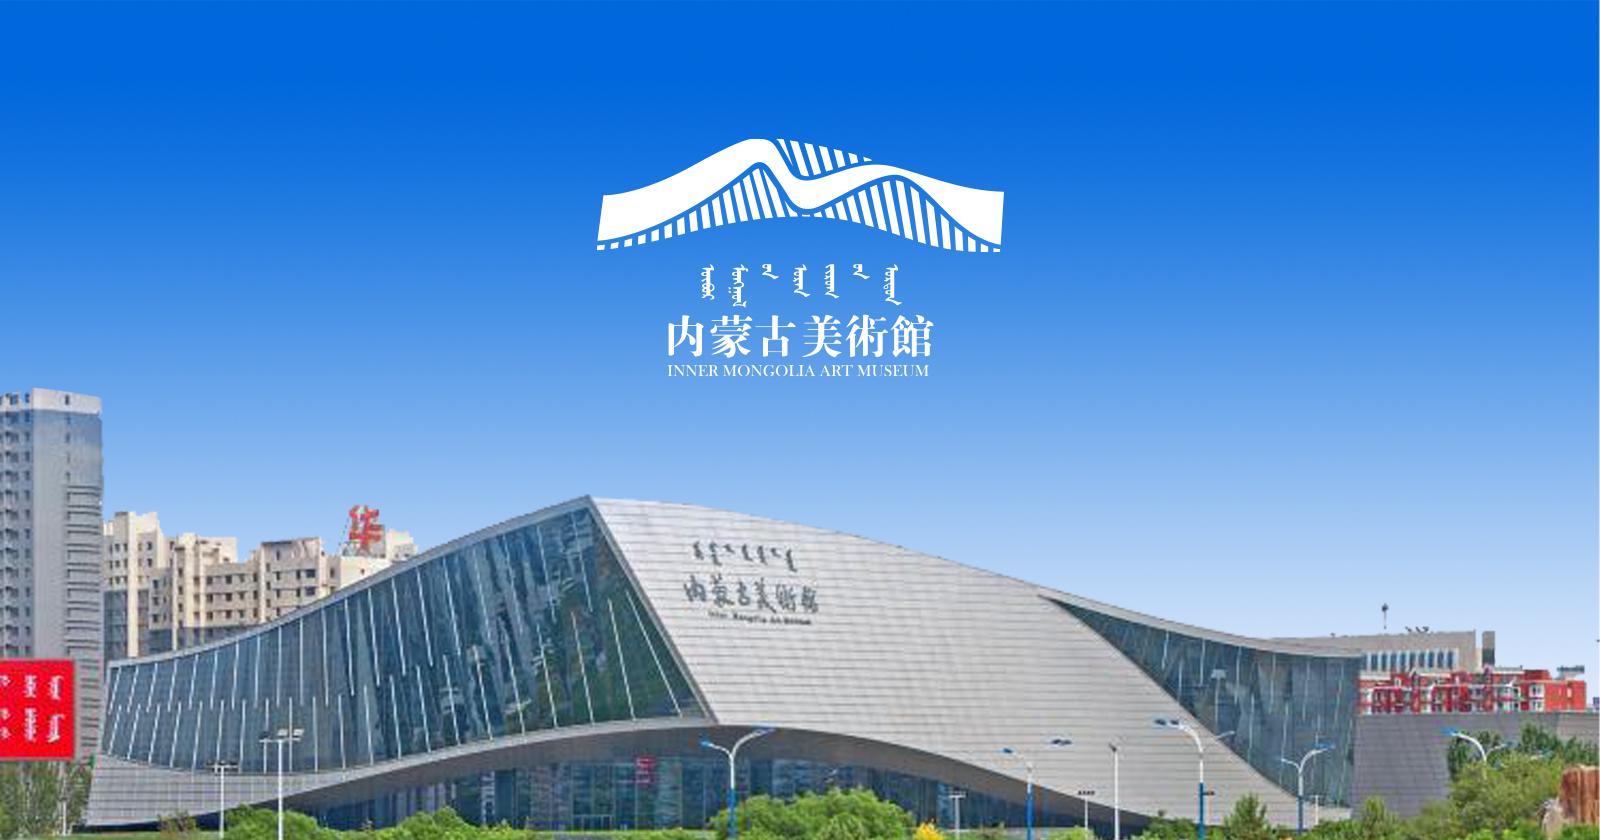 内蒙古美术馆